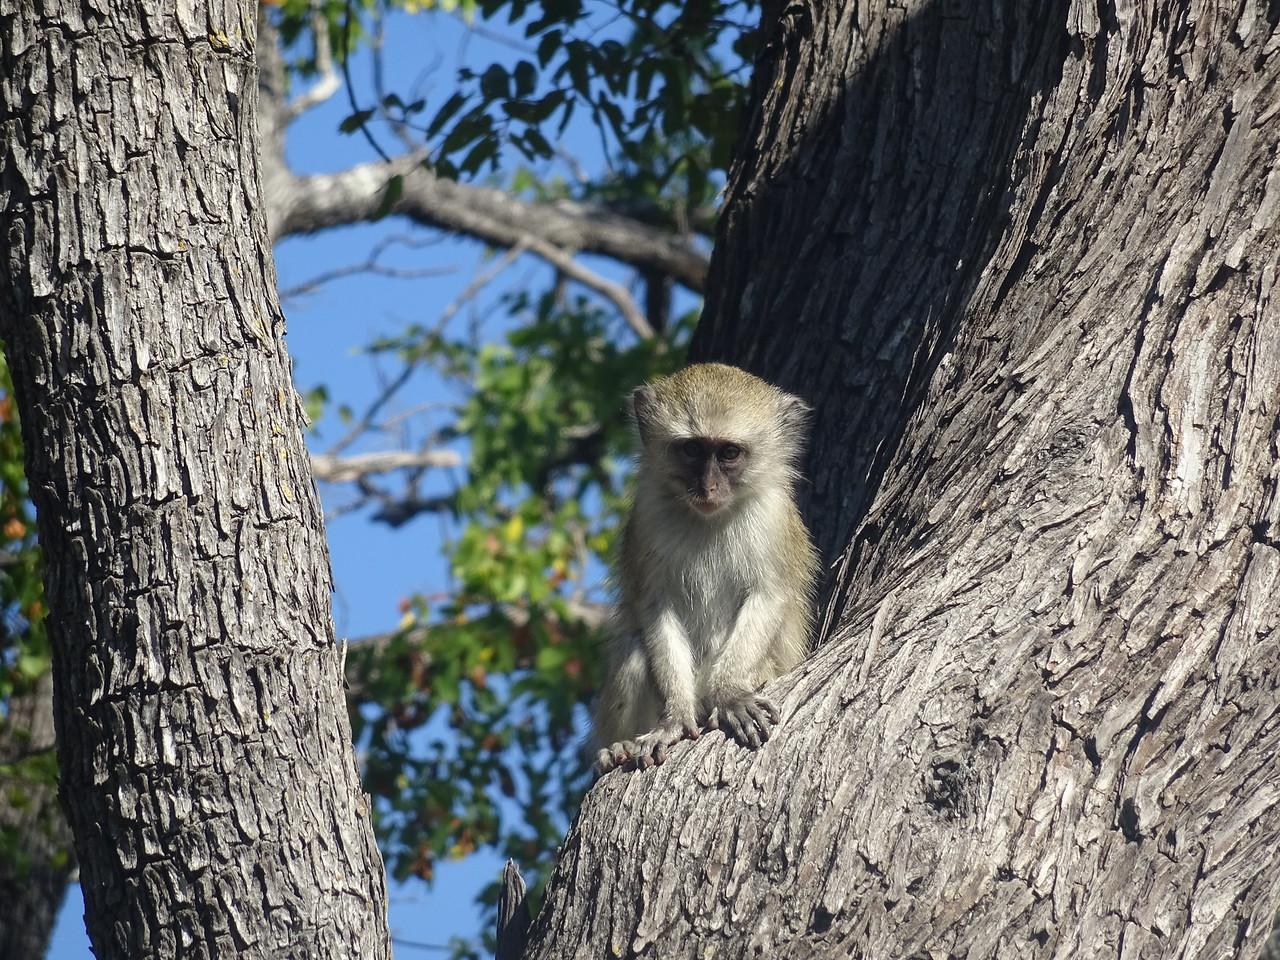 057_Okavango Delta, Moremi Game Reserve  4WD Safari  Velvet Monkey